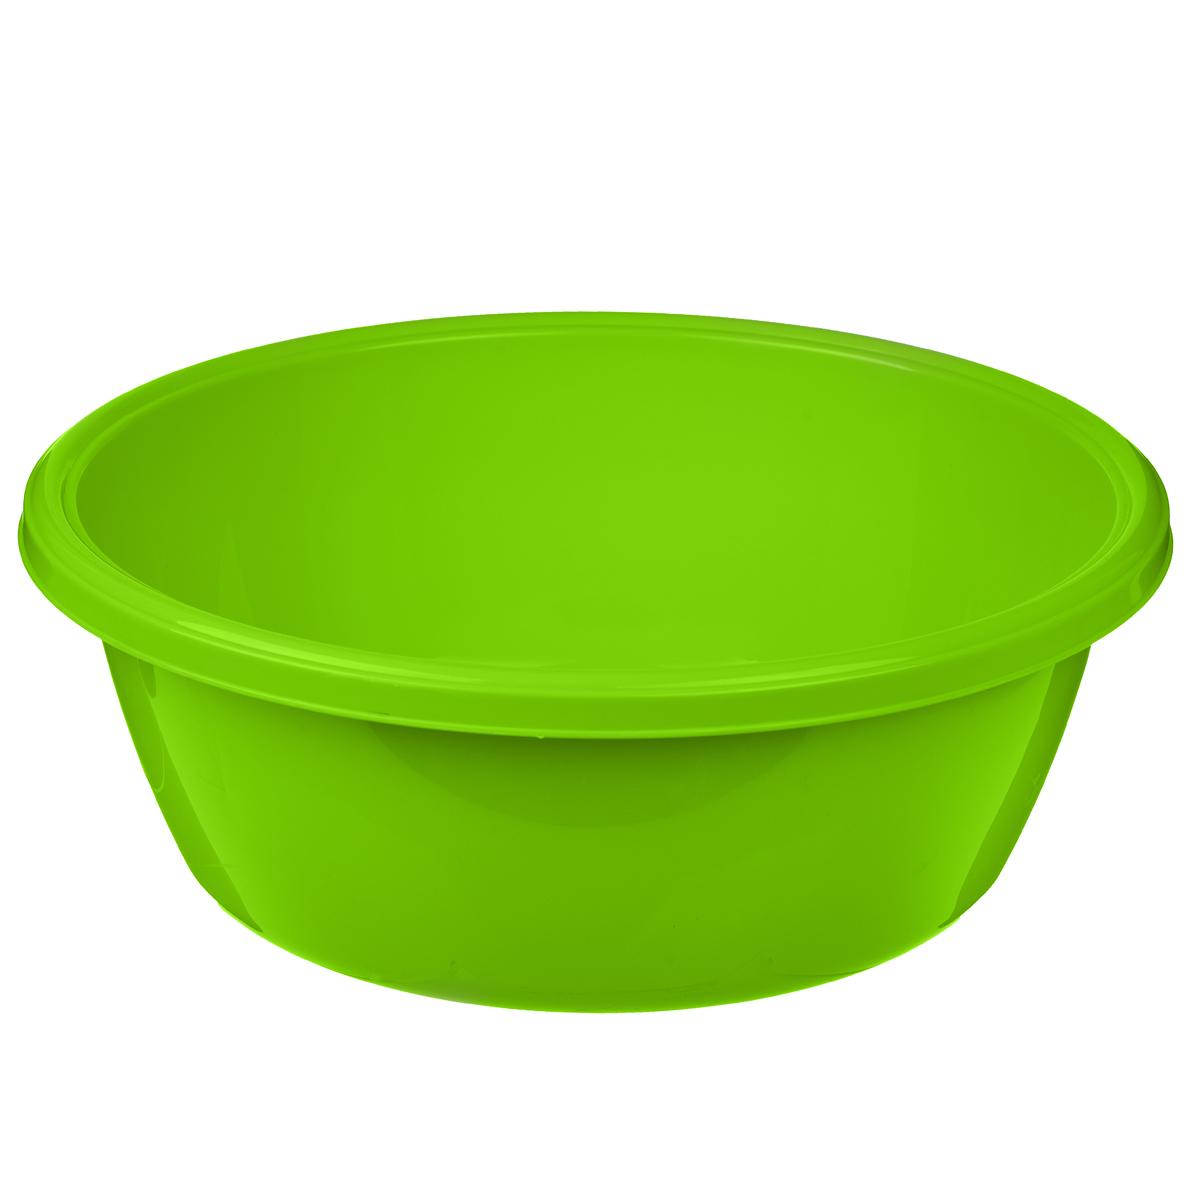 Таз Dunya Plastik, цвет: зеленый, 10,5 л10326Таз Dunya Plastik выполнен из высококачественного пластика. Он предназначен для стирки и хранения разных вещей. По краю имеются углубления, которые обеспечивают удобный захват. Такой таз пригодится в любом хозяйстве.